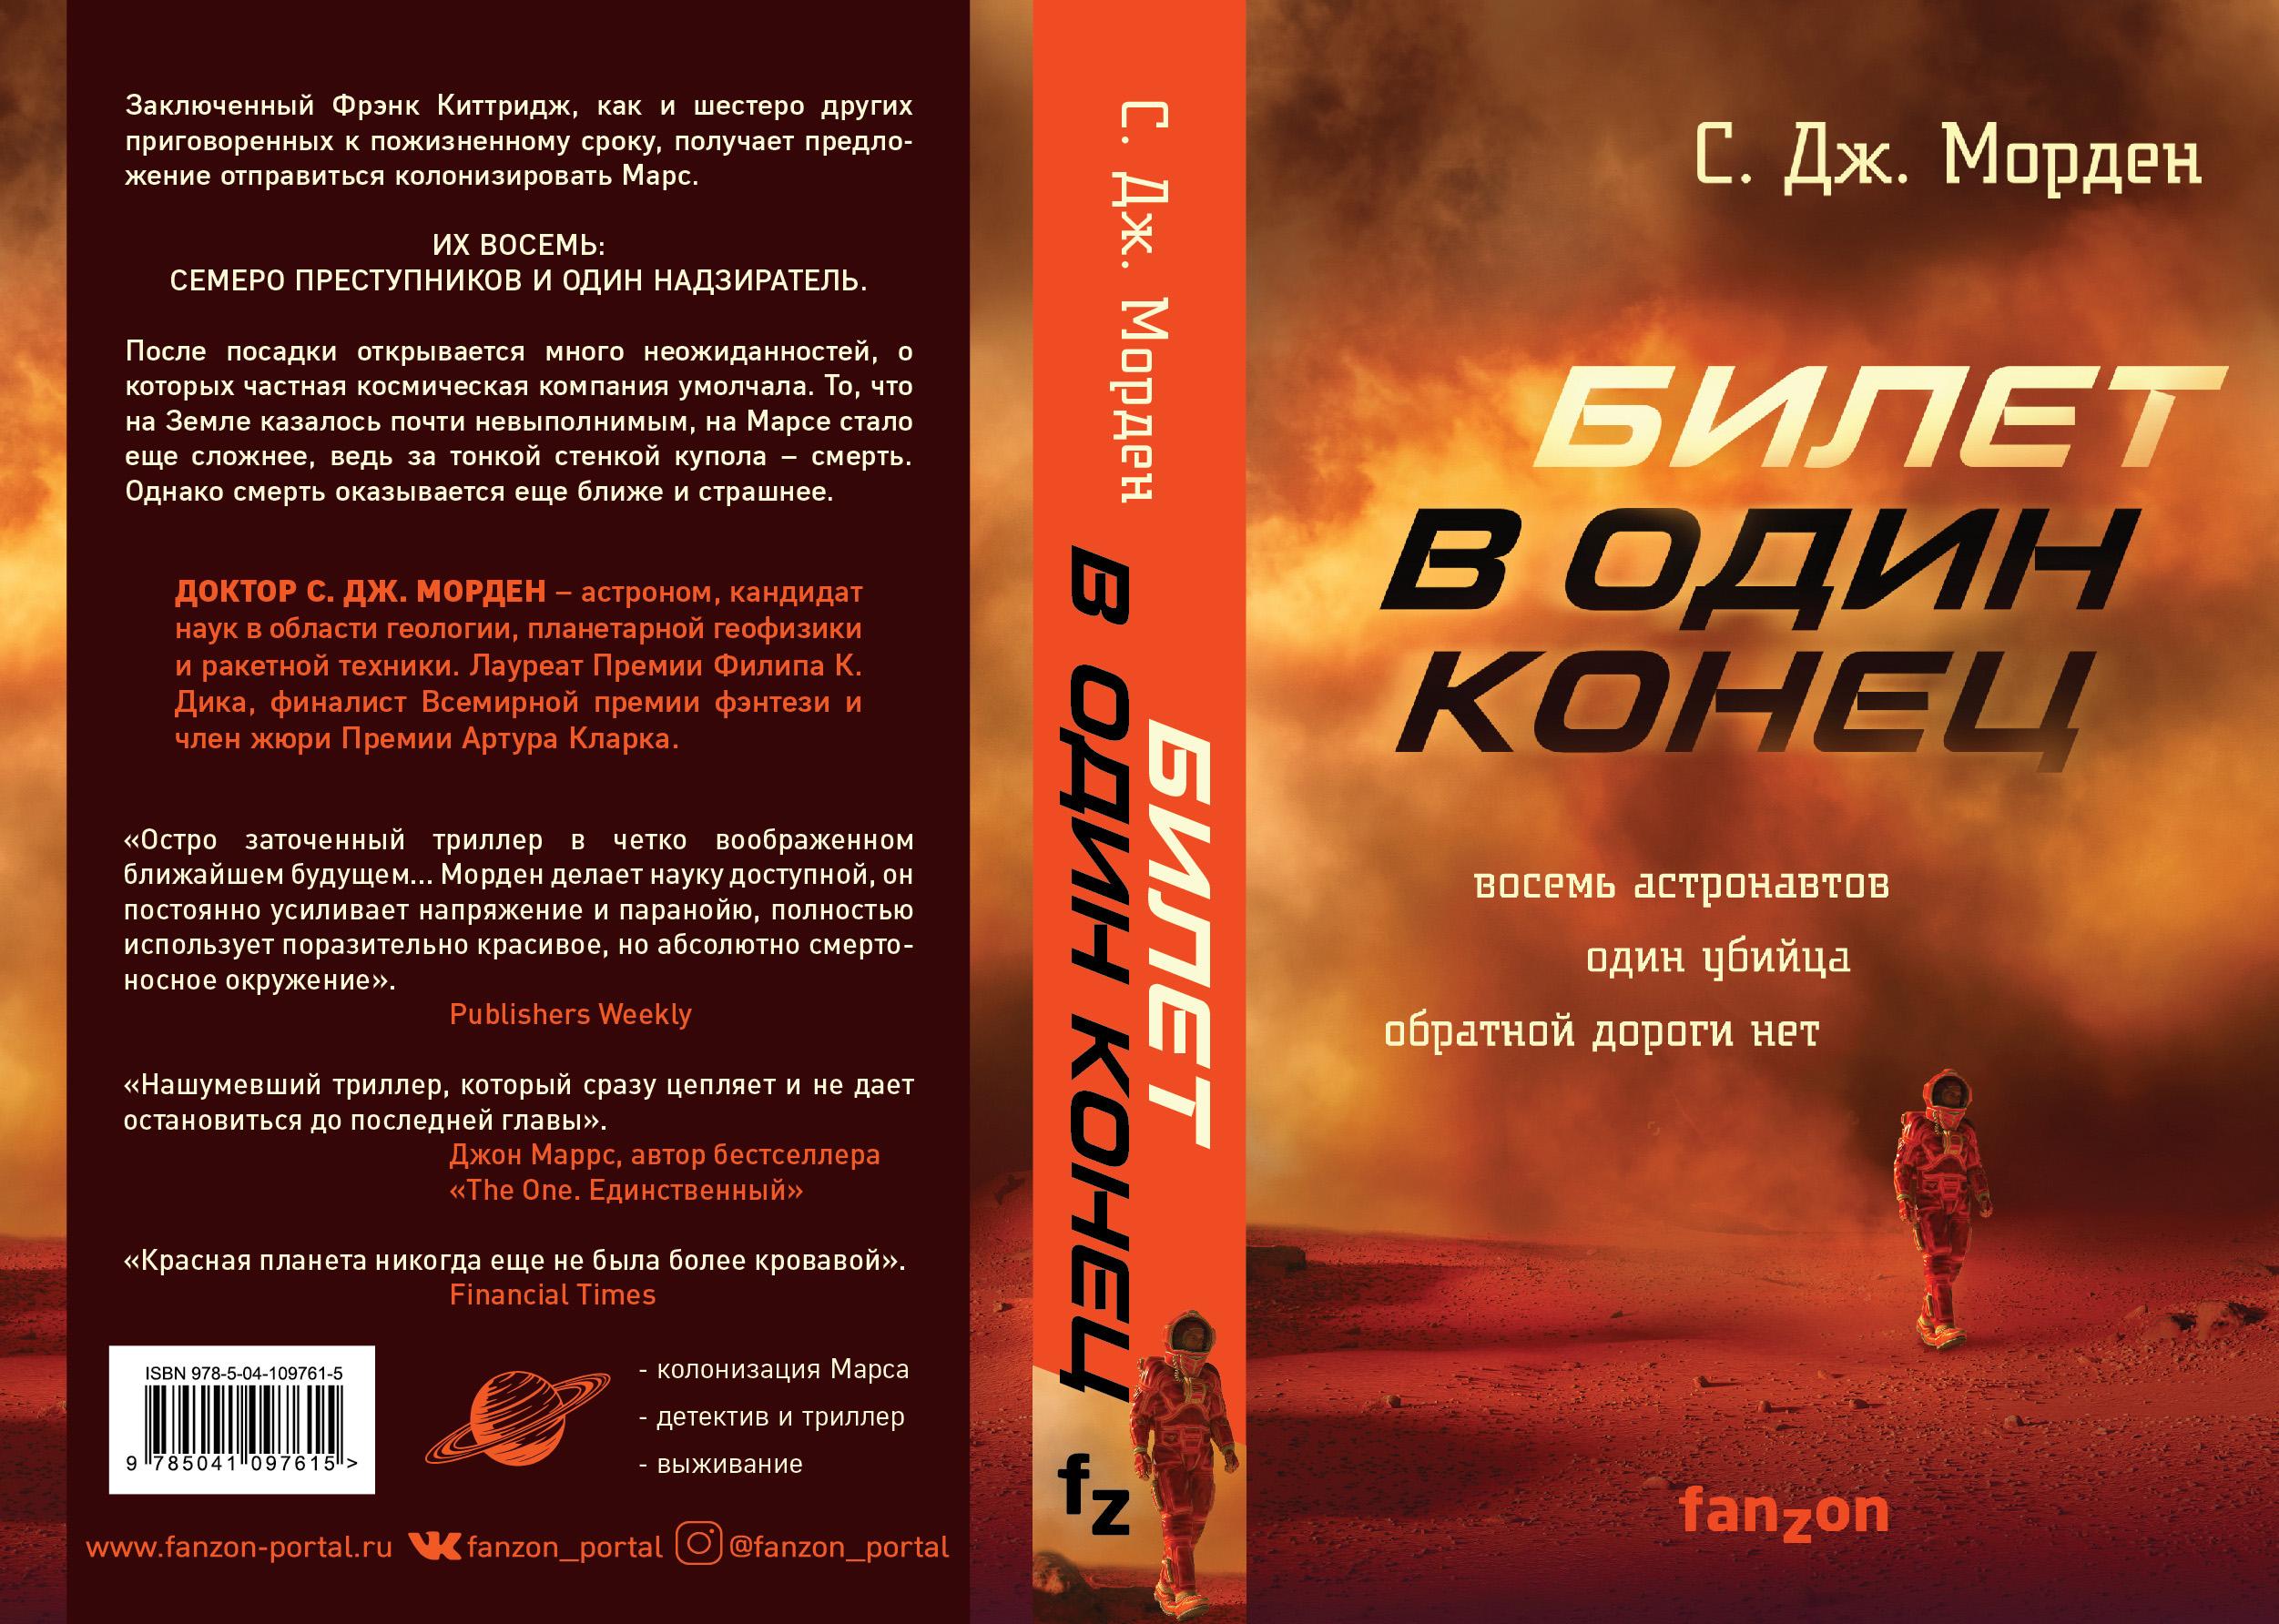 Что почитать: «Мстительница»Рейнольдса, сборник Финнея и детективный триллер наМарсе 1